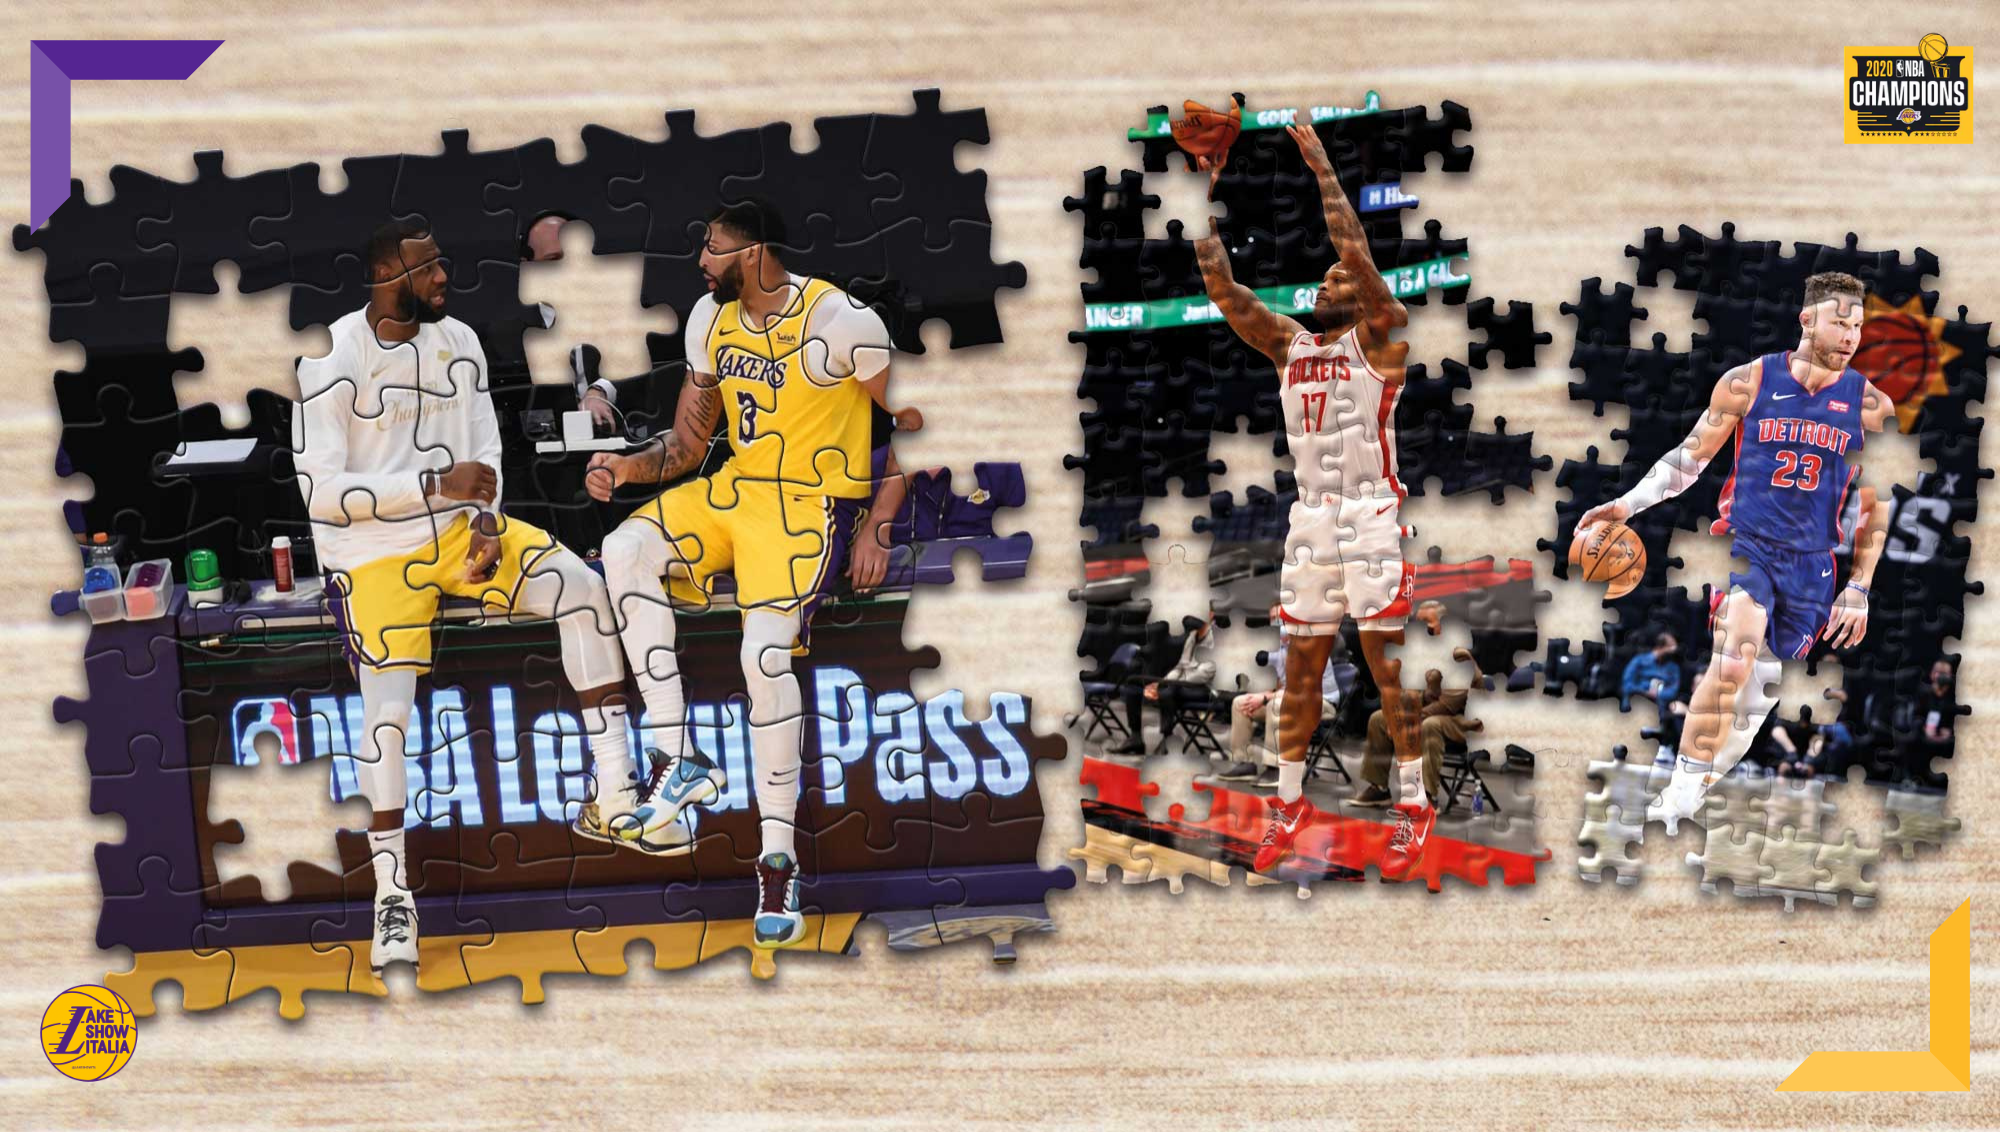 Griffin, P.J. Tucker, Ariza e tanti altri. Scopriamo quali sono i migliori giocatori disponibili per i Los Angeles Lakers alla trade deadline.